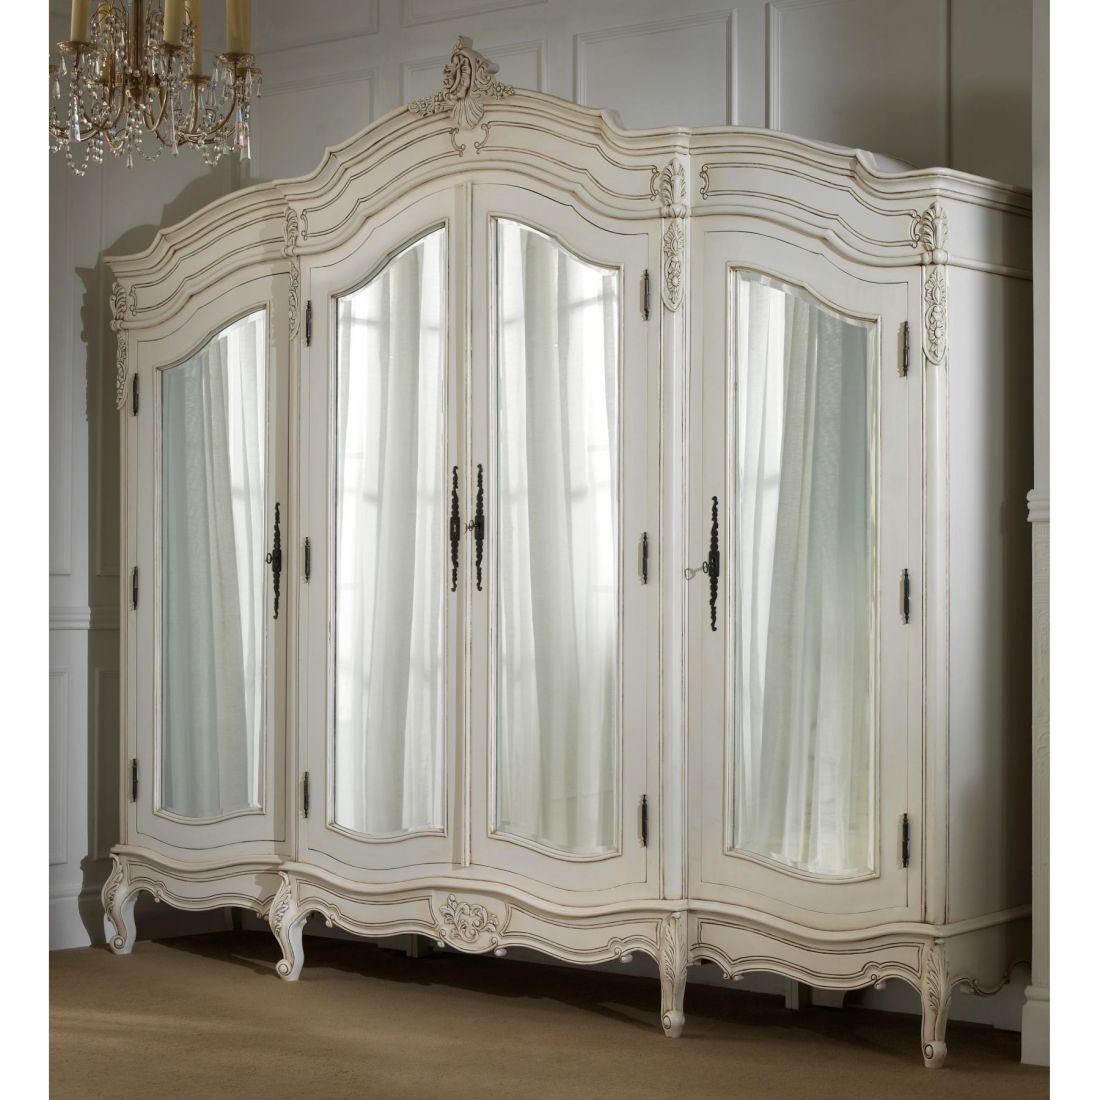 Bon I Would SOOOOO Prefer This To A Huge Walk In Closet, Itu0027s Fabulous!